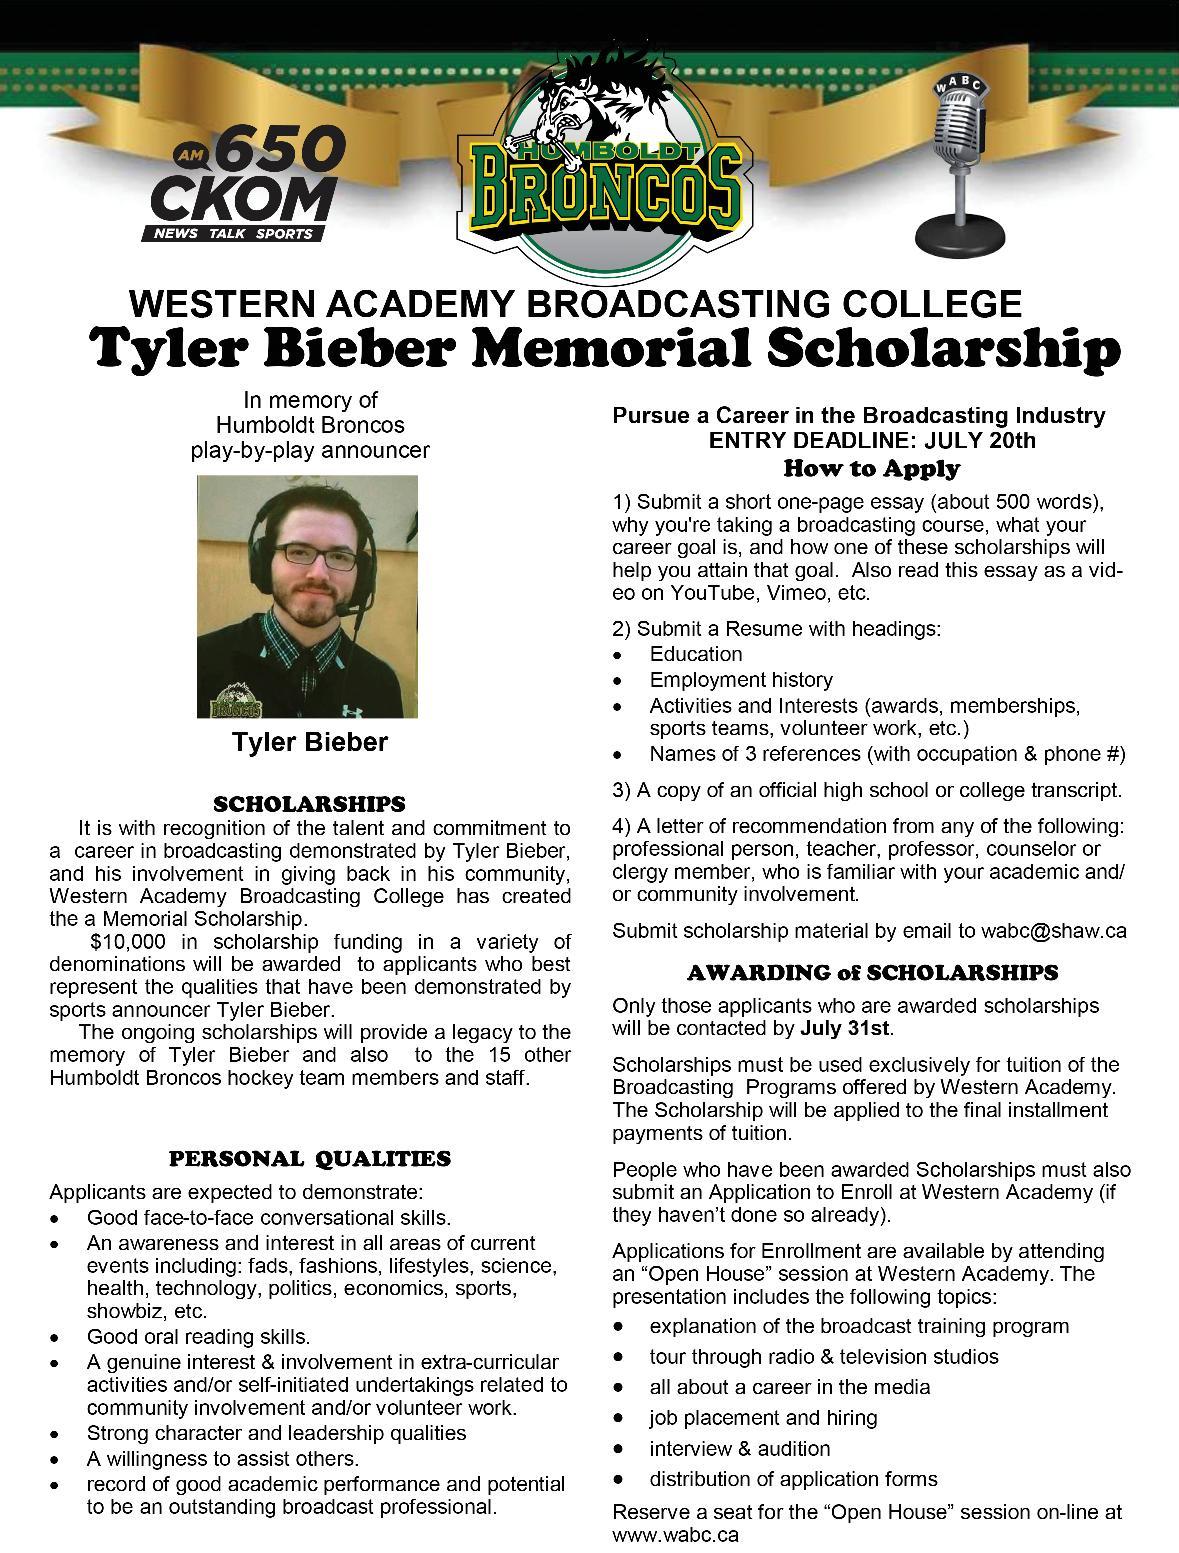 WABC Tyler Bieber Scholarship